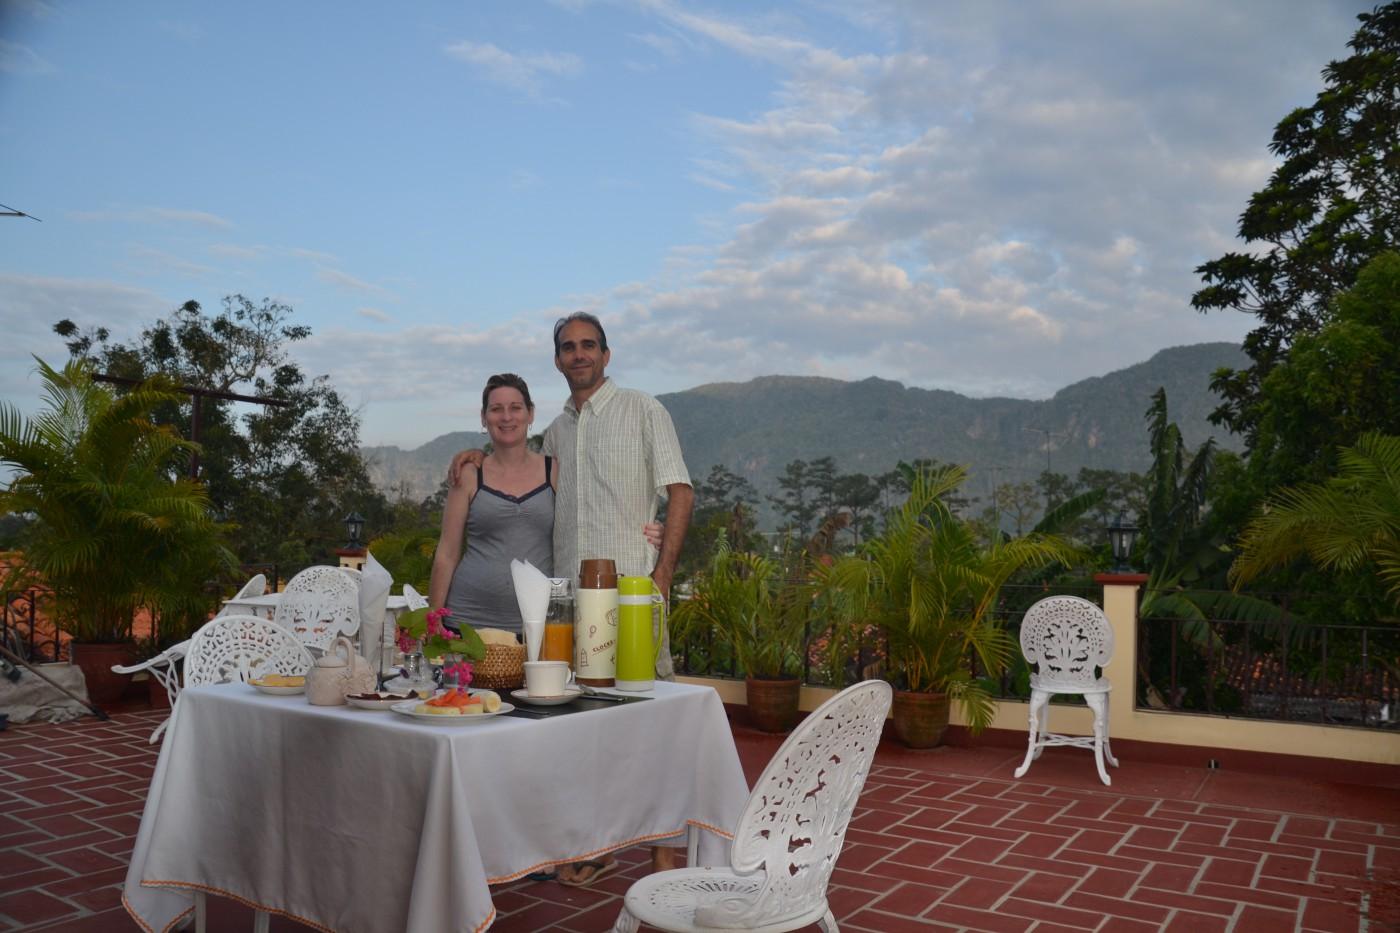 Stolze Besitzer des casa particular im Valle: Yerenia und Nils